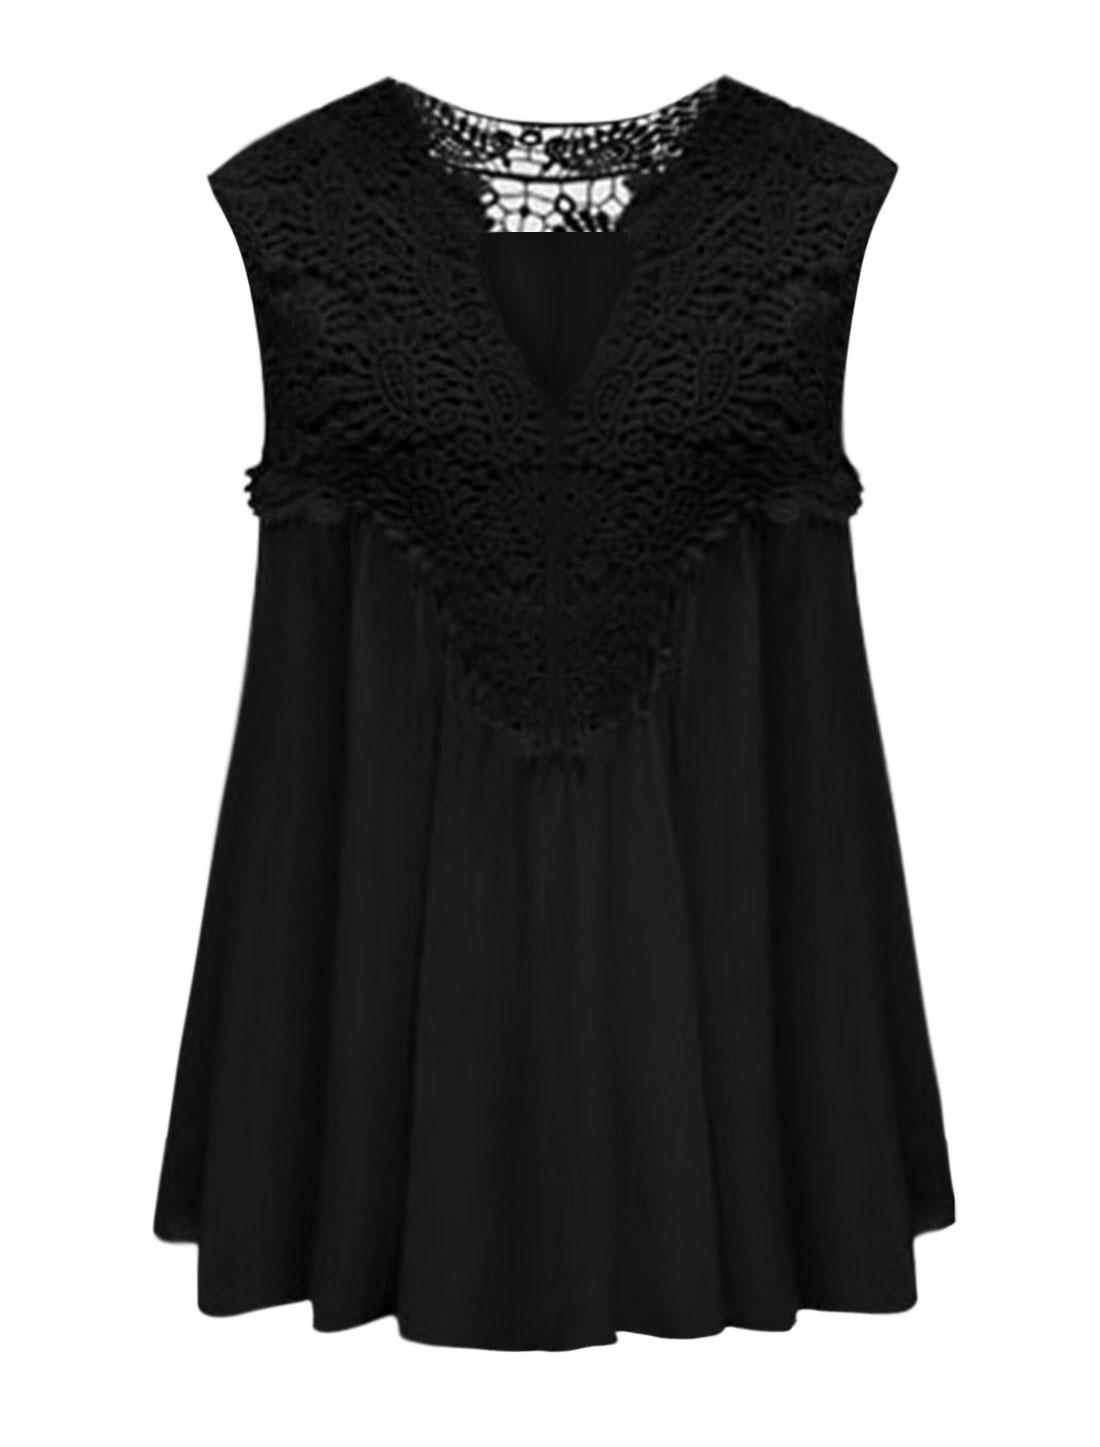 Women Split Neck Crochet Overlay Upper Sleeveless Top Black L